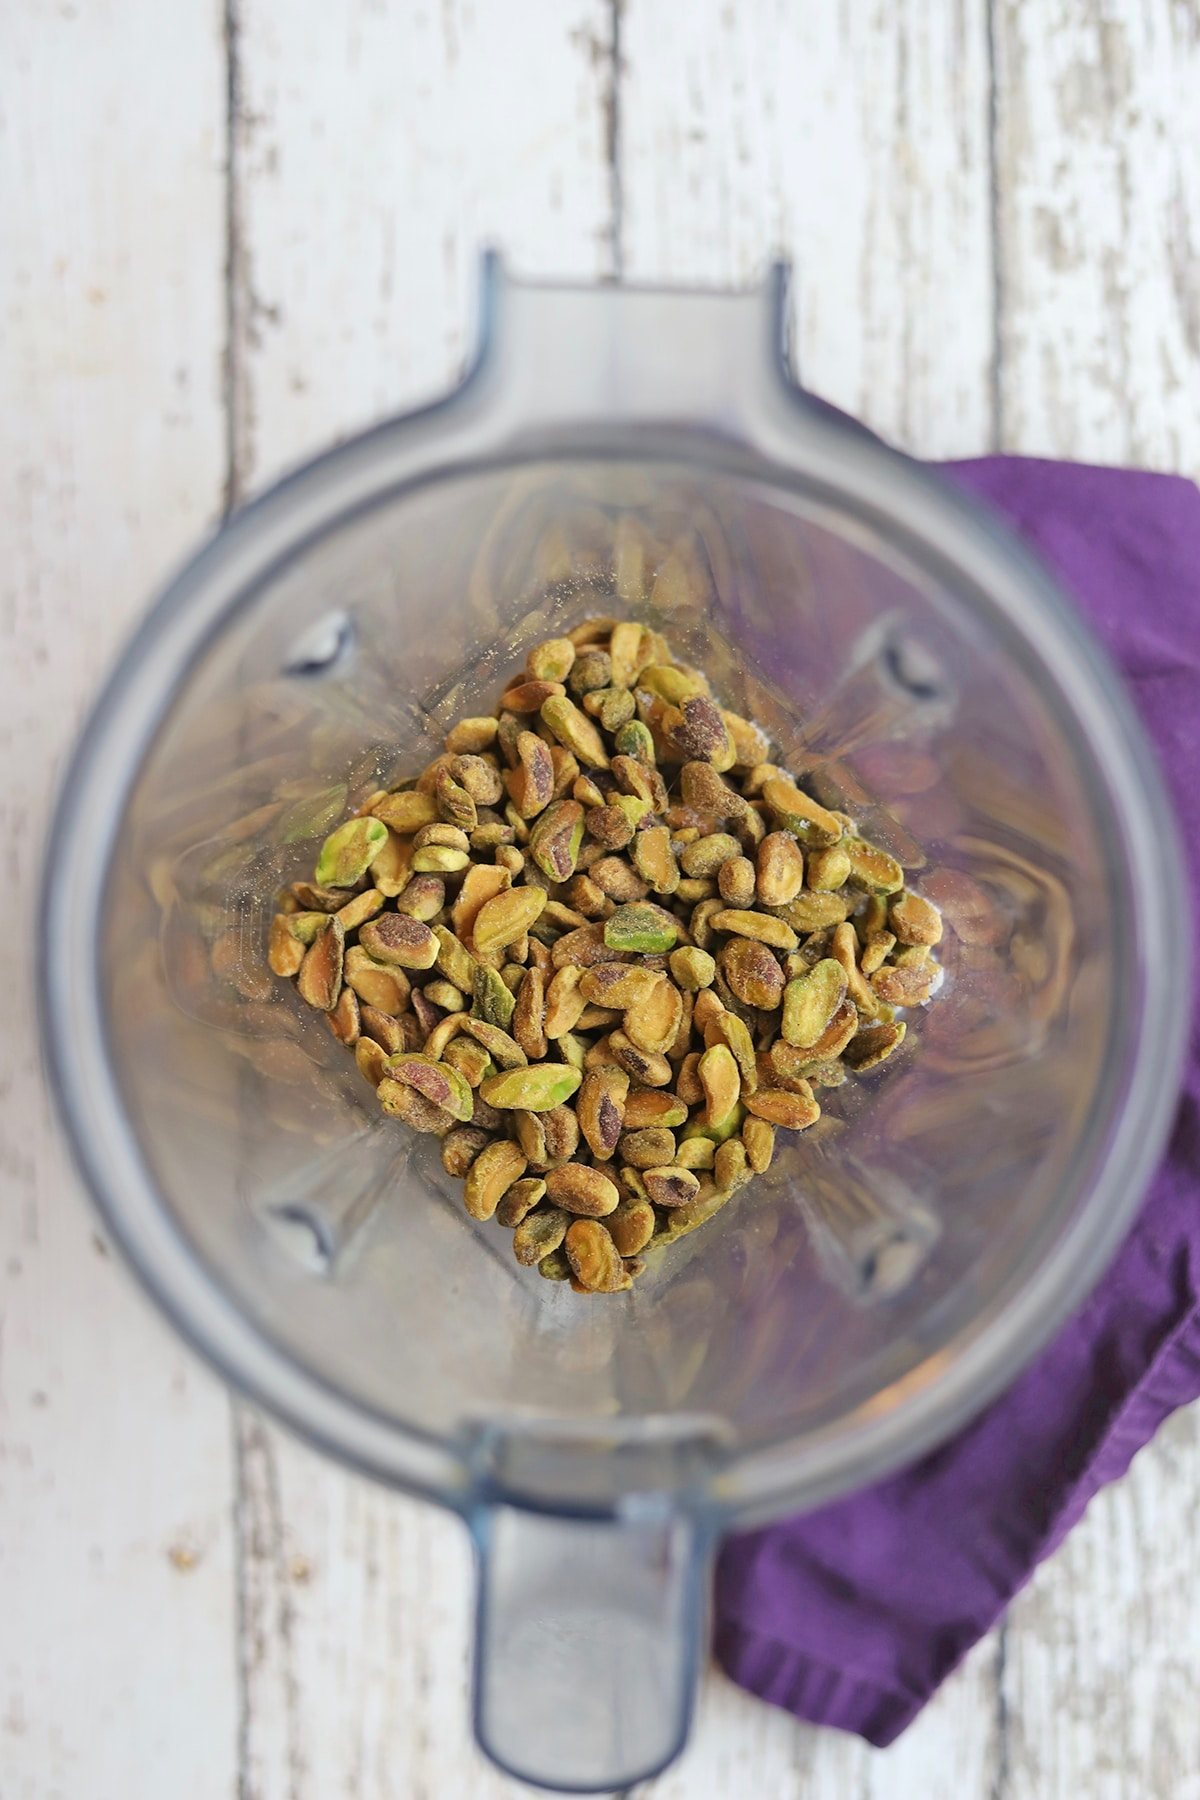 Blender jar with shelled pistachios inside.